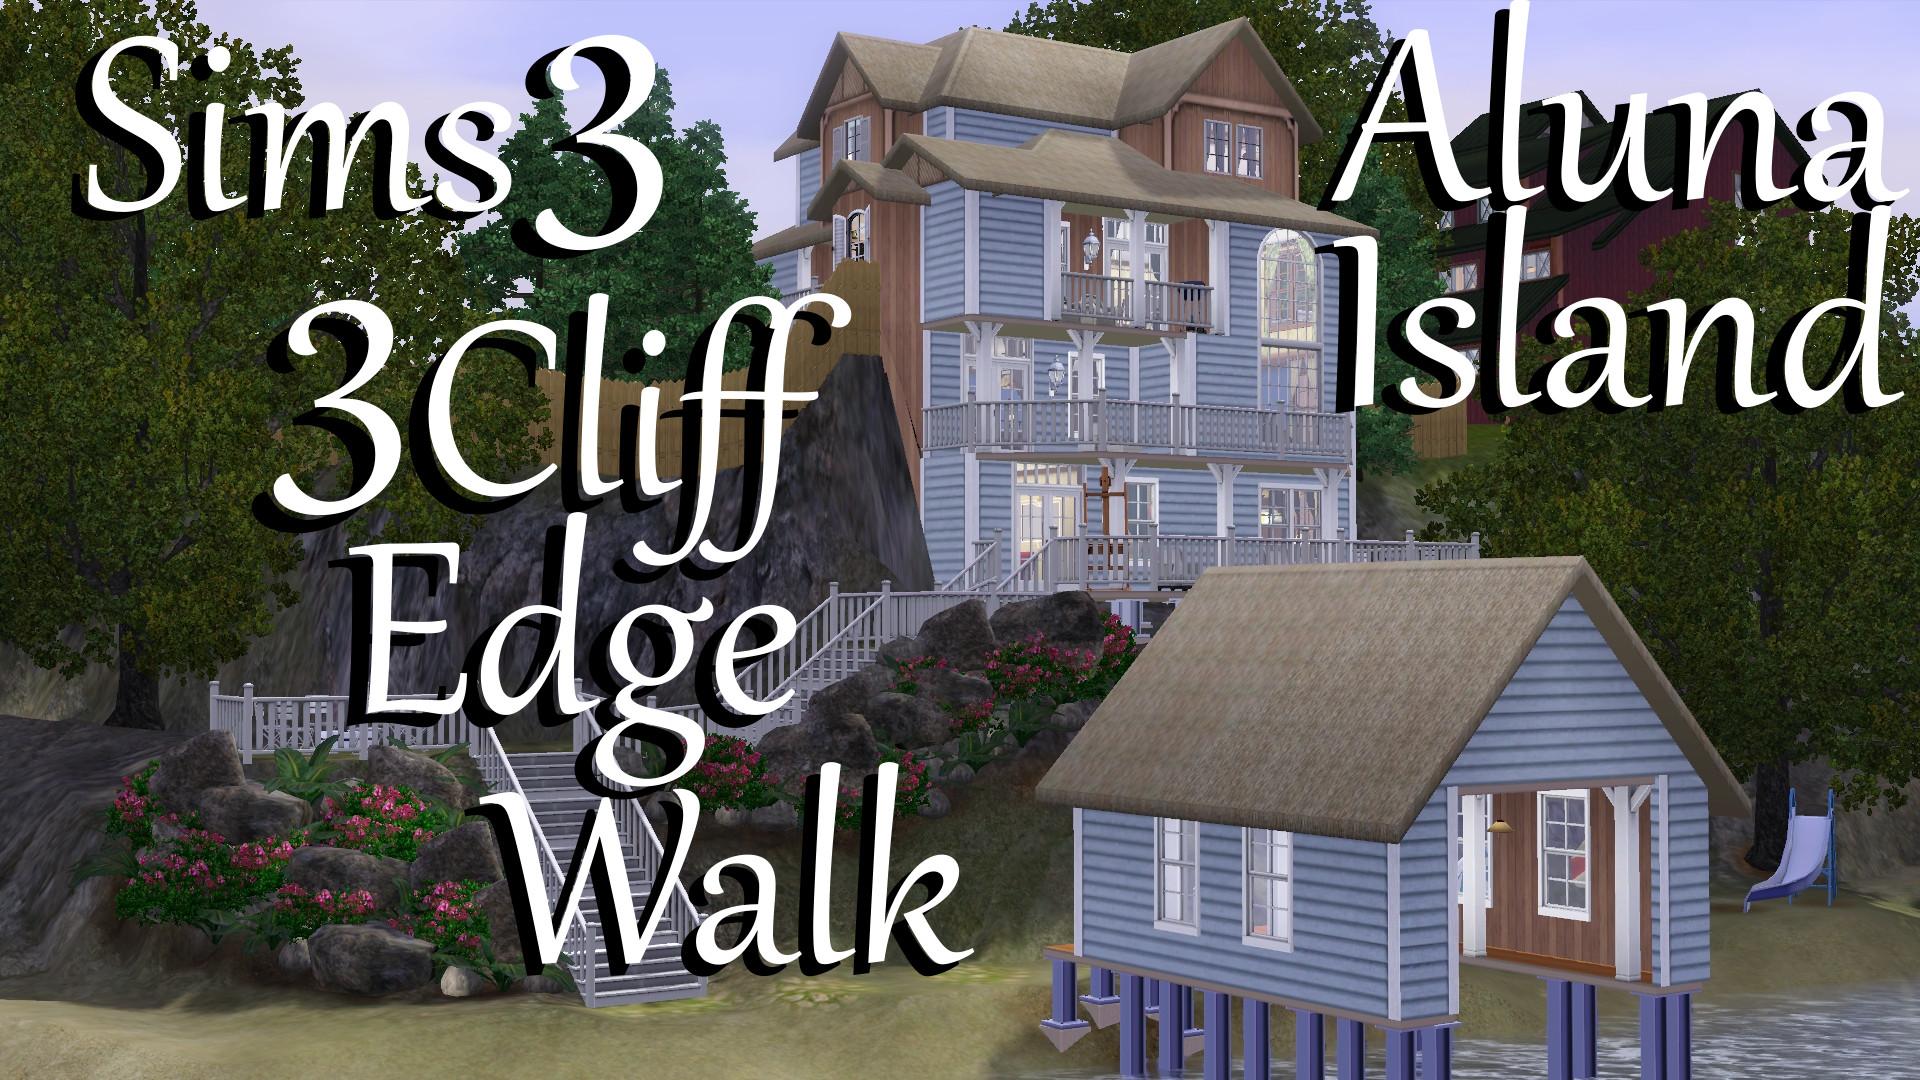 Mod The Sims - 3 Cliff's Edge Walk 5Bed 3Bath